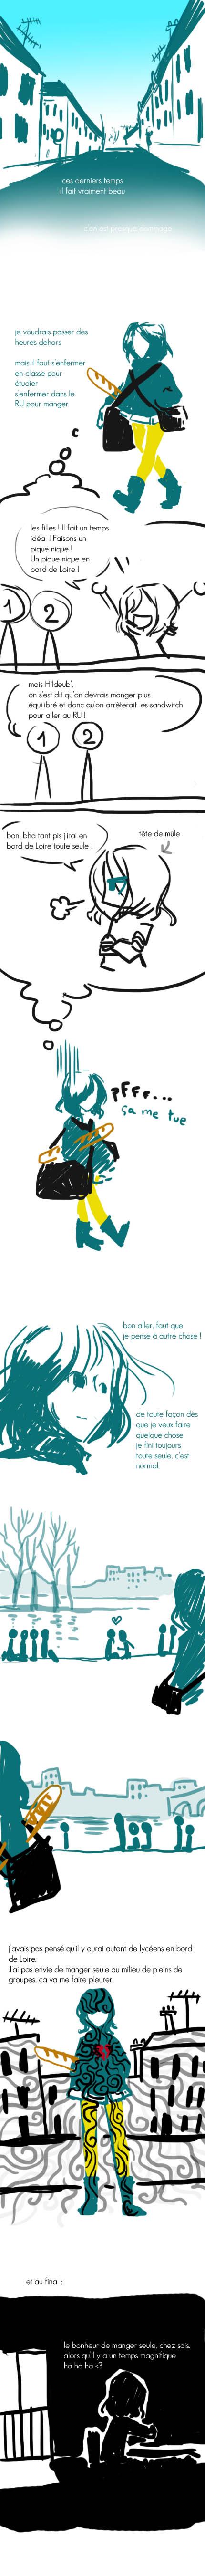 http://hildebear.cowblog.fr/images/stripbeautemps.jpg